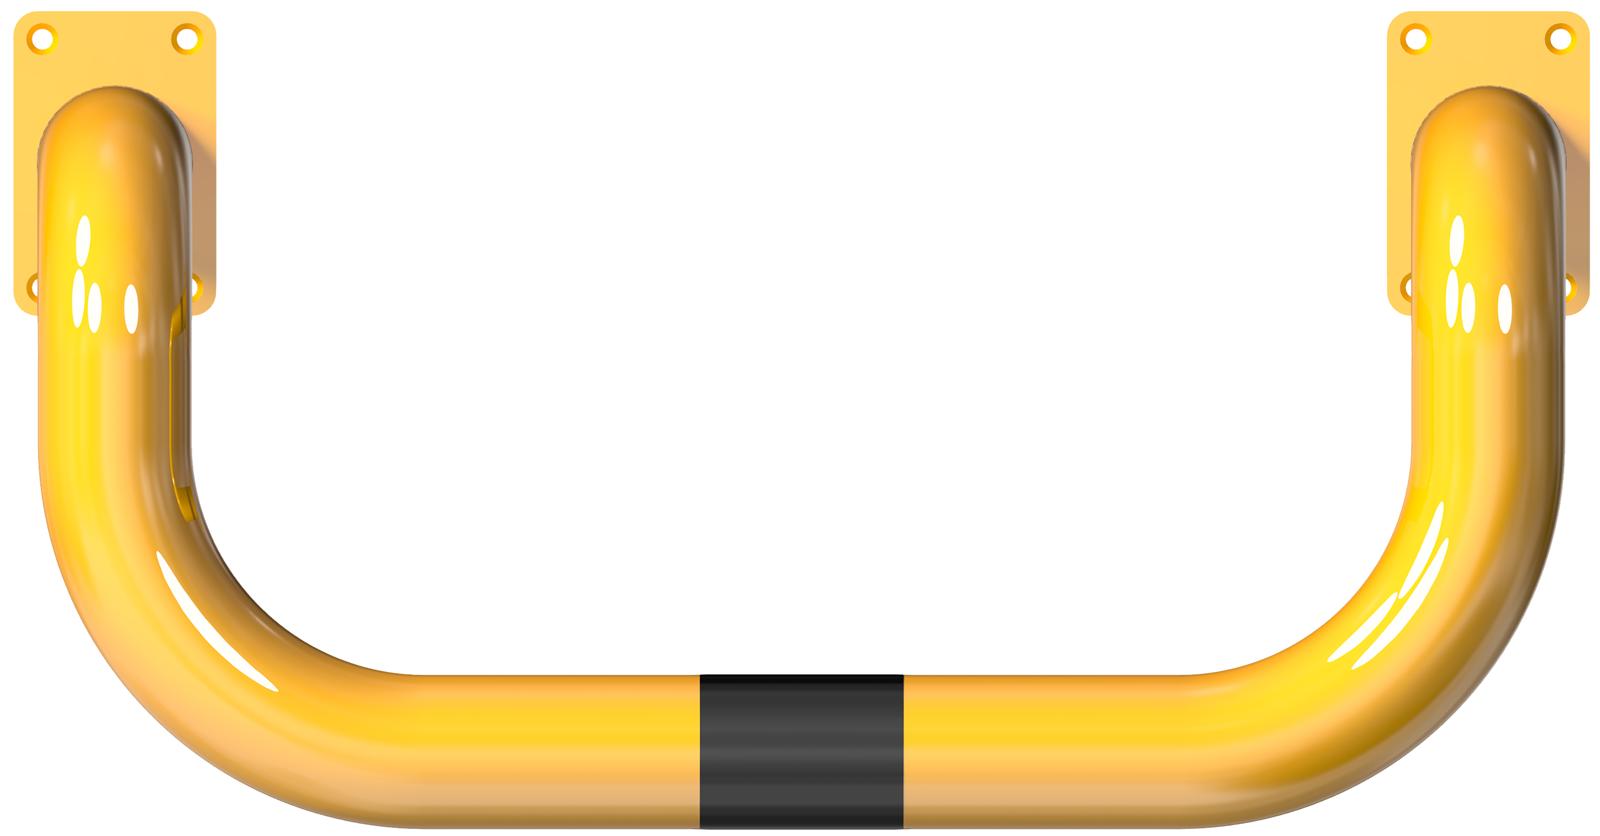 Schake Rammschutzbügel Stahl 90° doppelseitig vertieft Ø 76 mm - gelb | schwarz